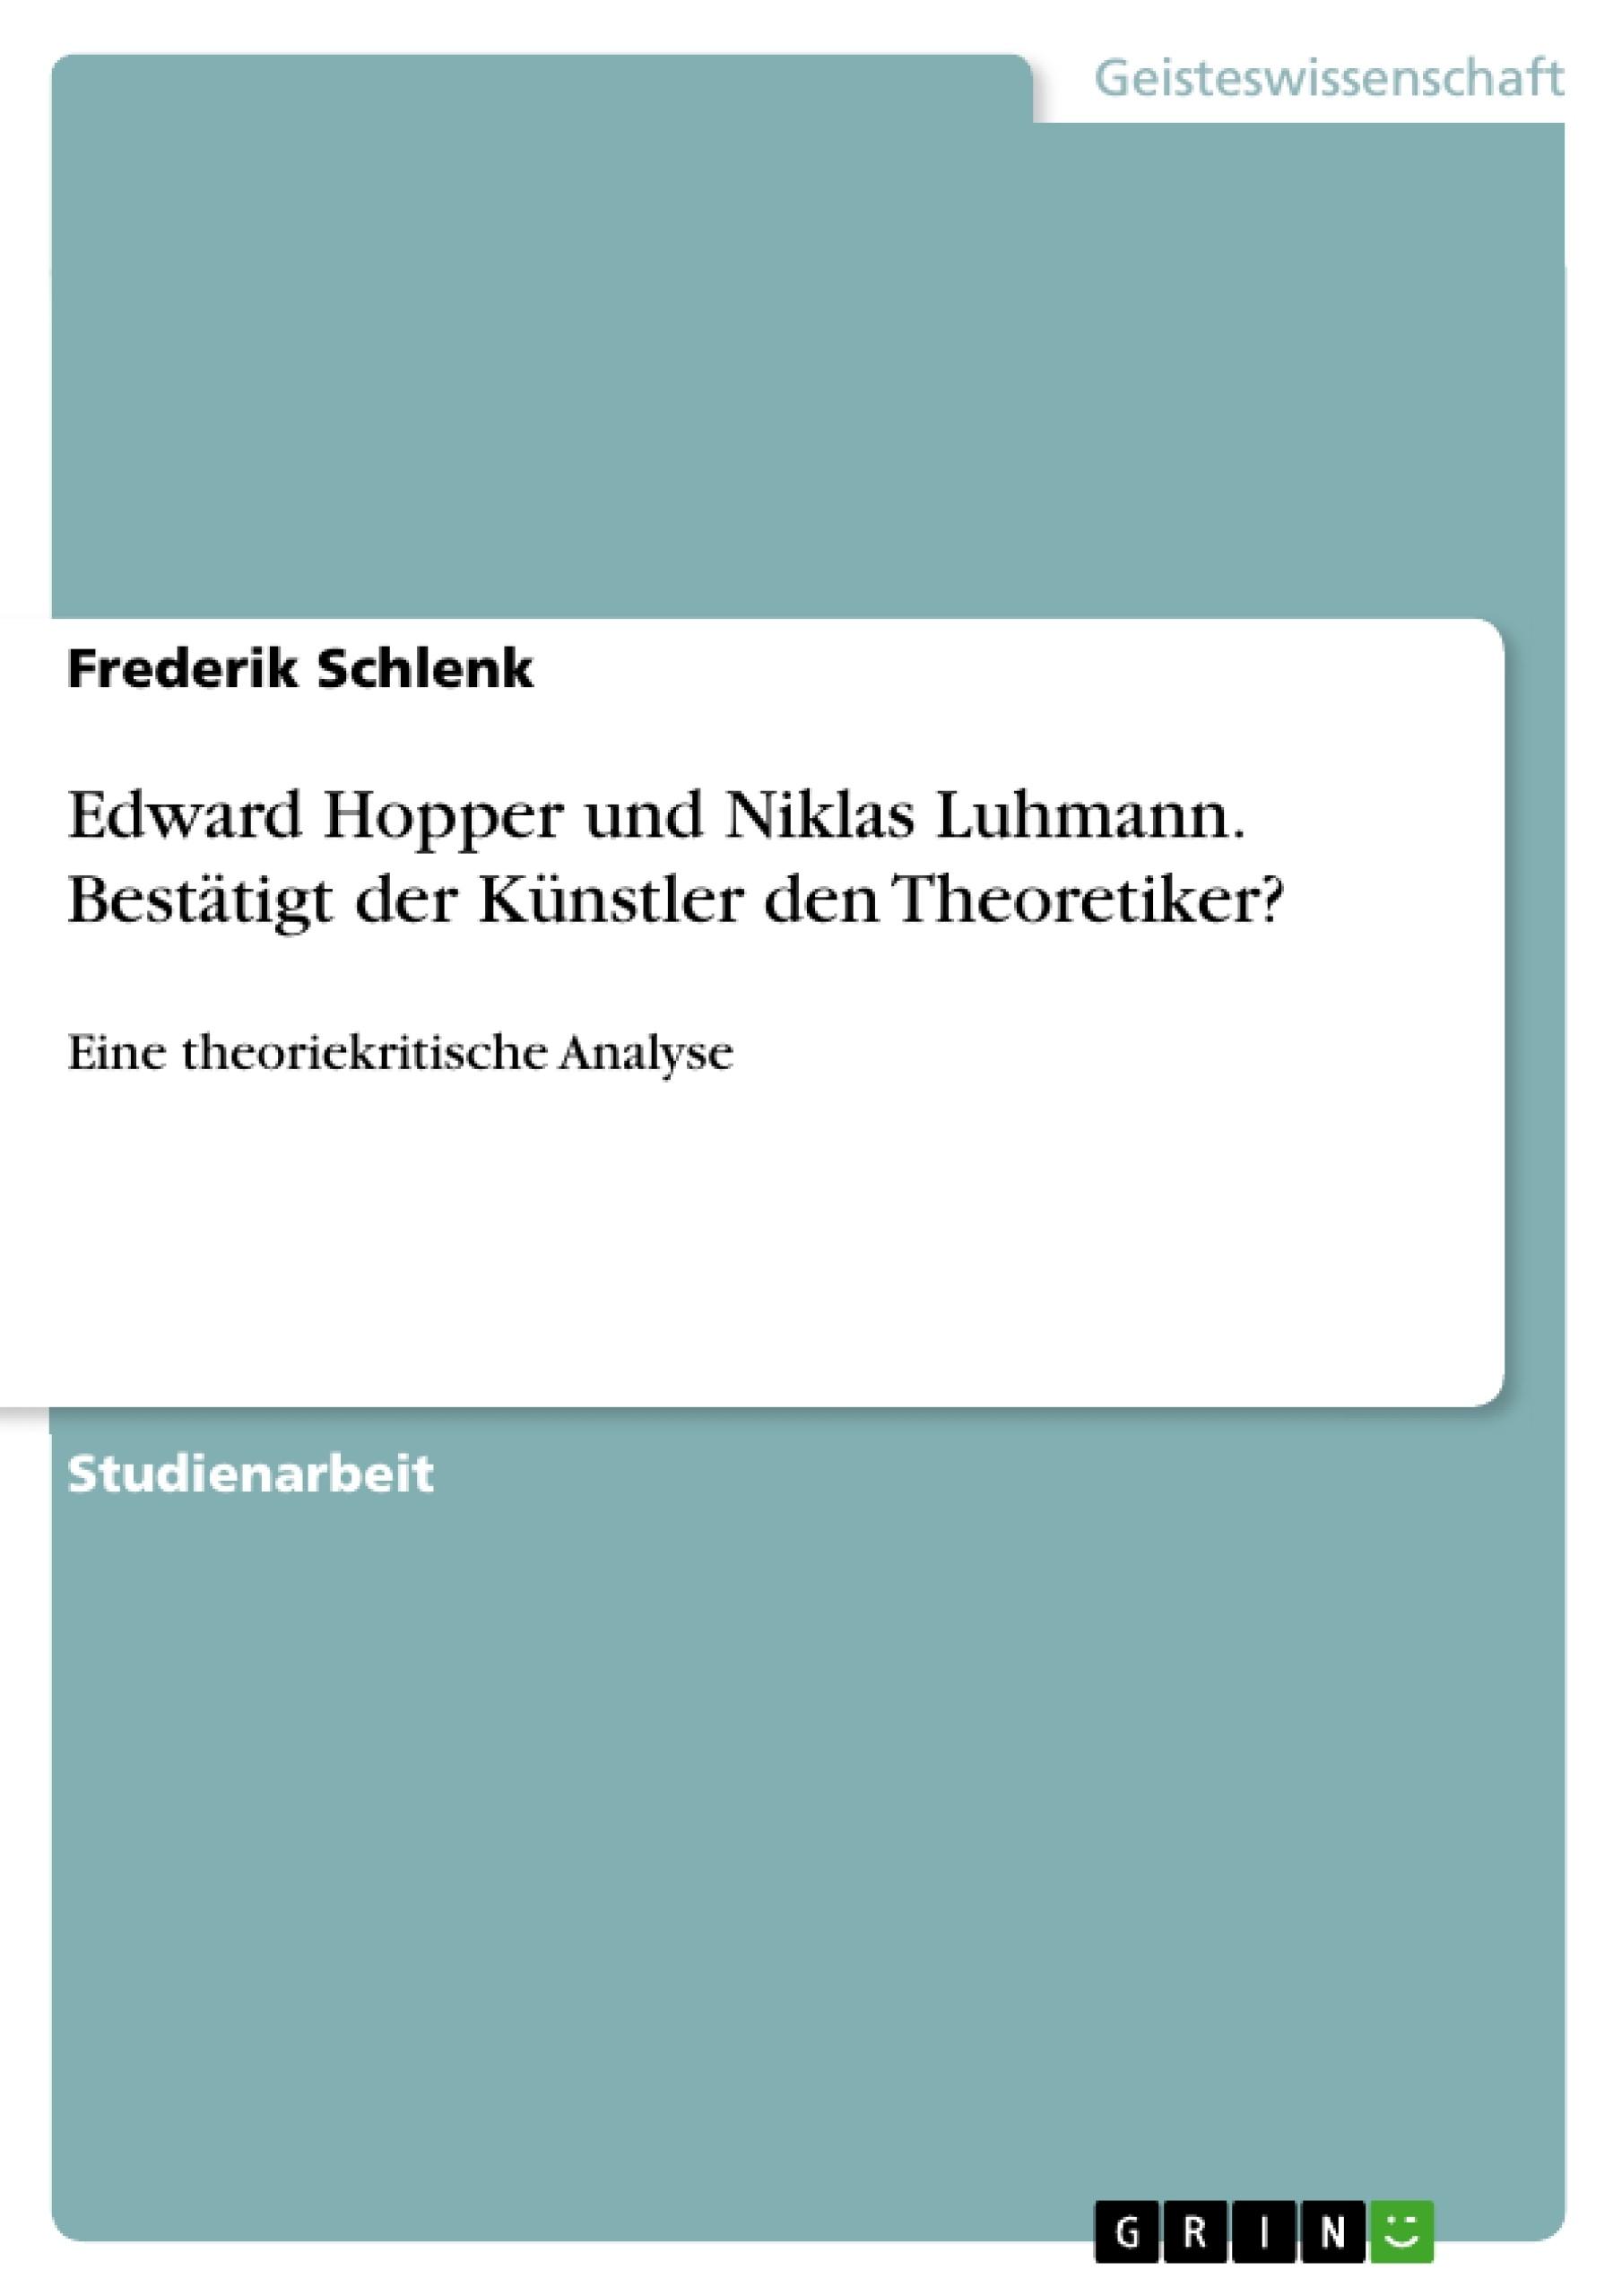 Titel: Edward Hopper und Niklas Luhmann. Bestätigt der Künstler den Theoretiker?